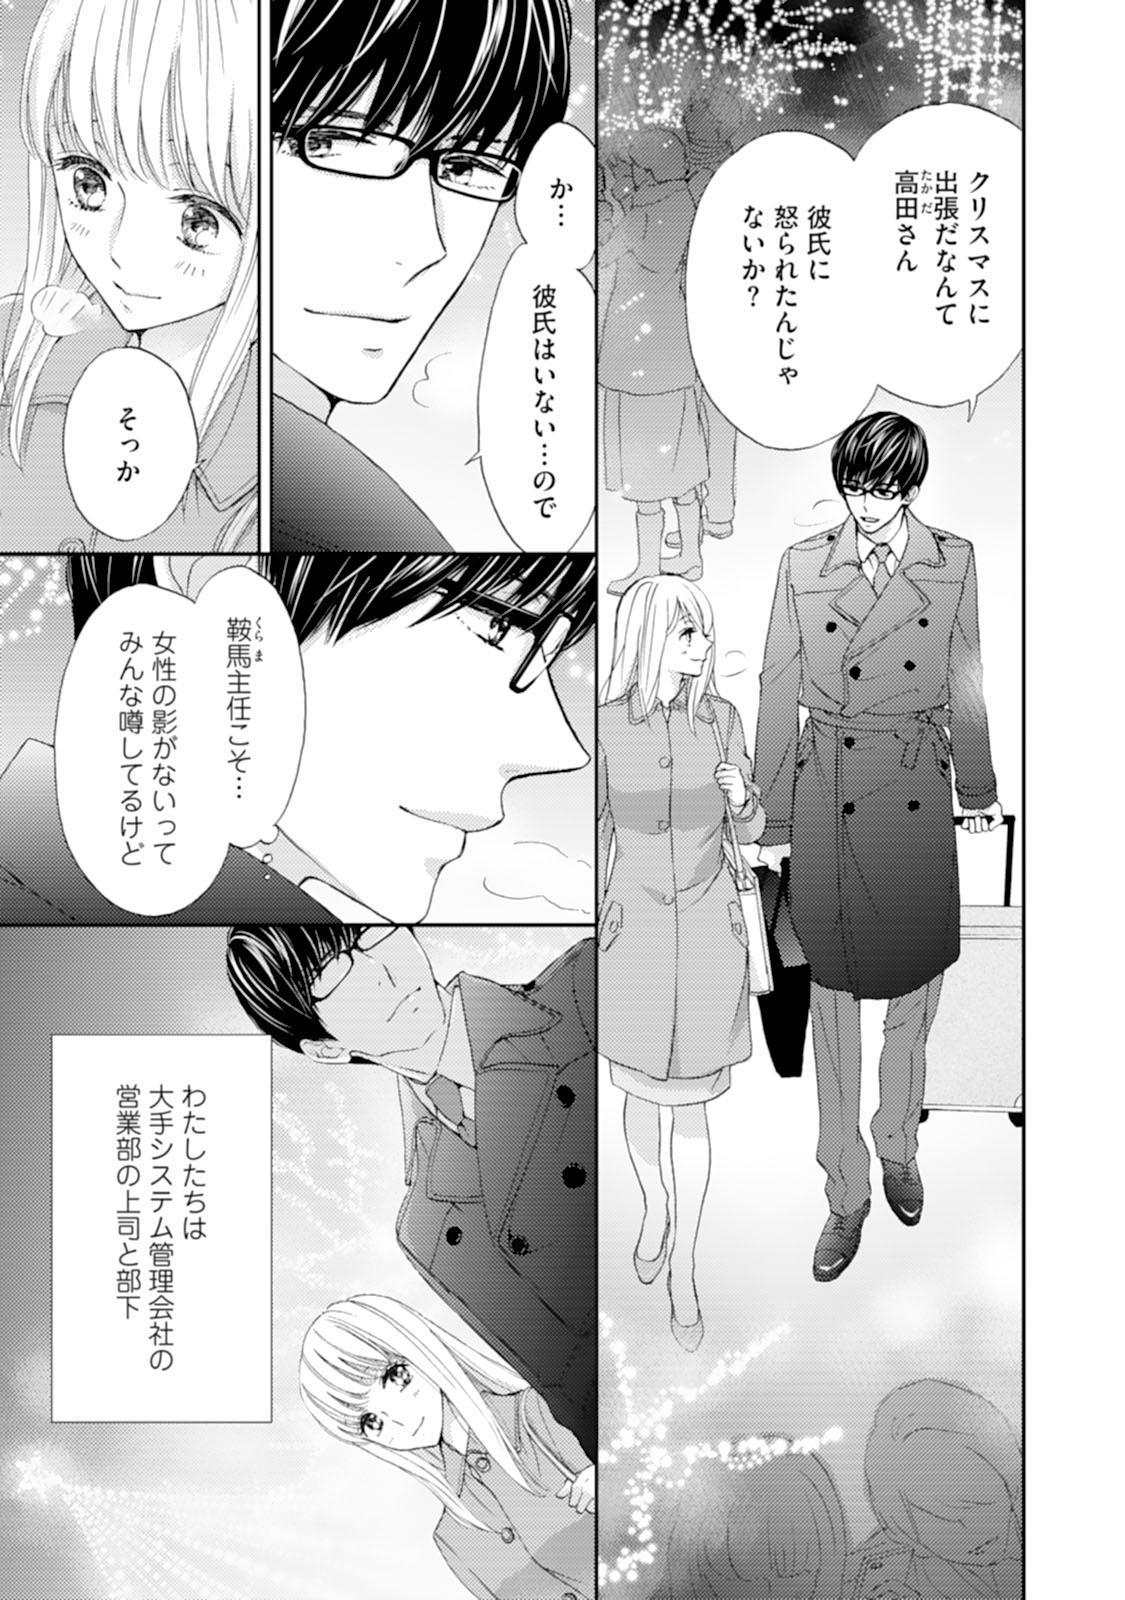 [Adumi Yuu] Choukyou-kei Danshi Ookami-sama to Koneko-chan Ch. 1-3 4